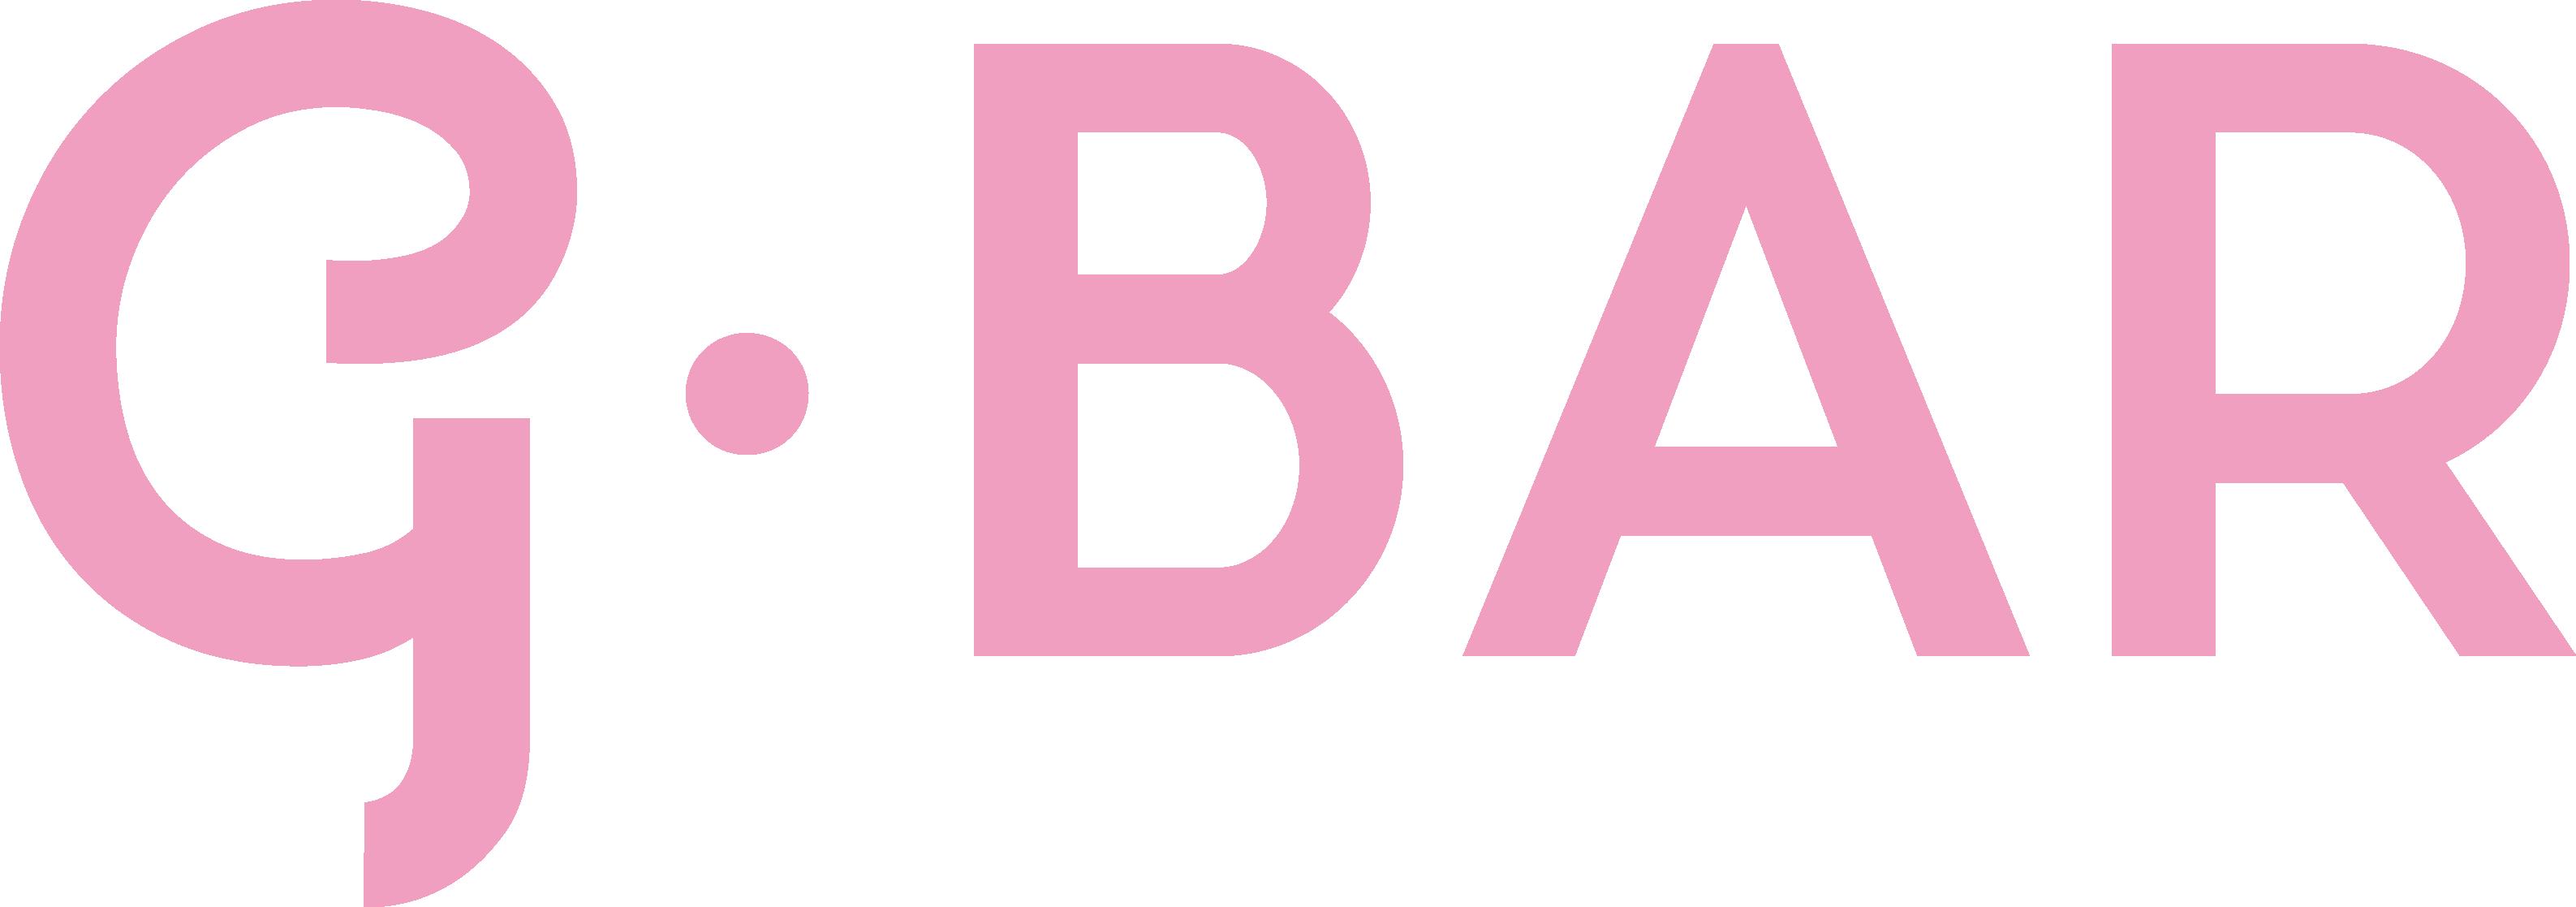 G.Bar